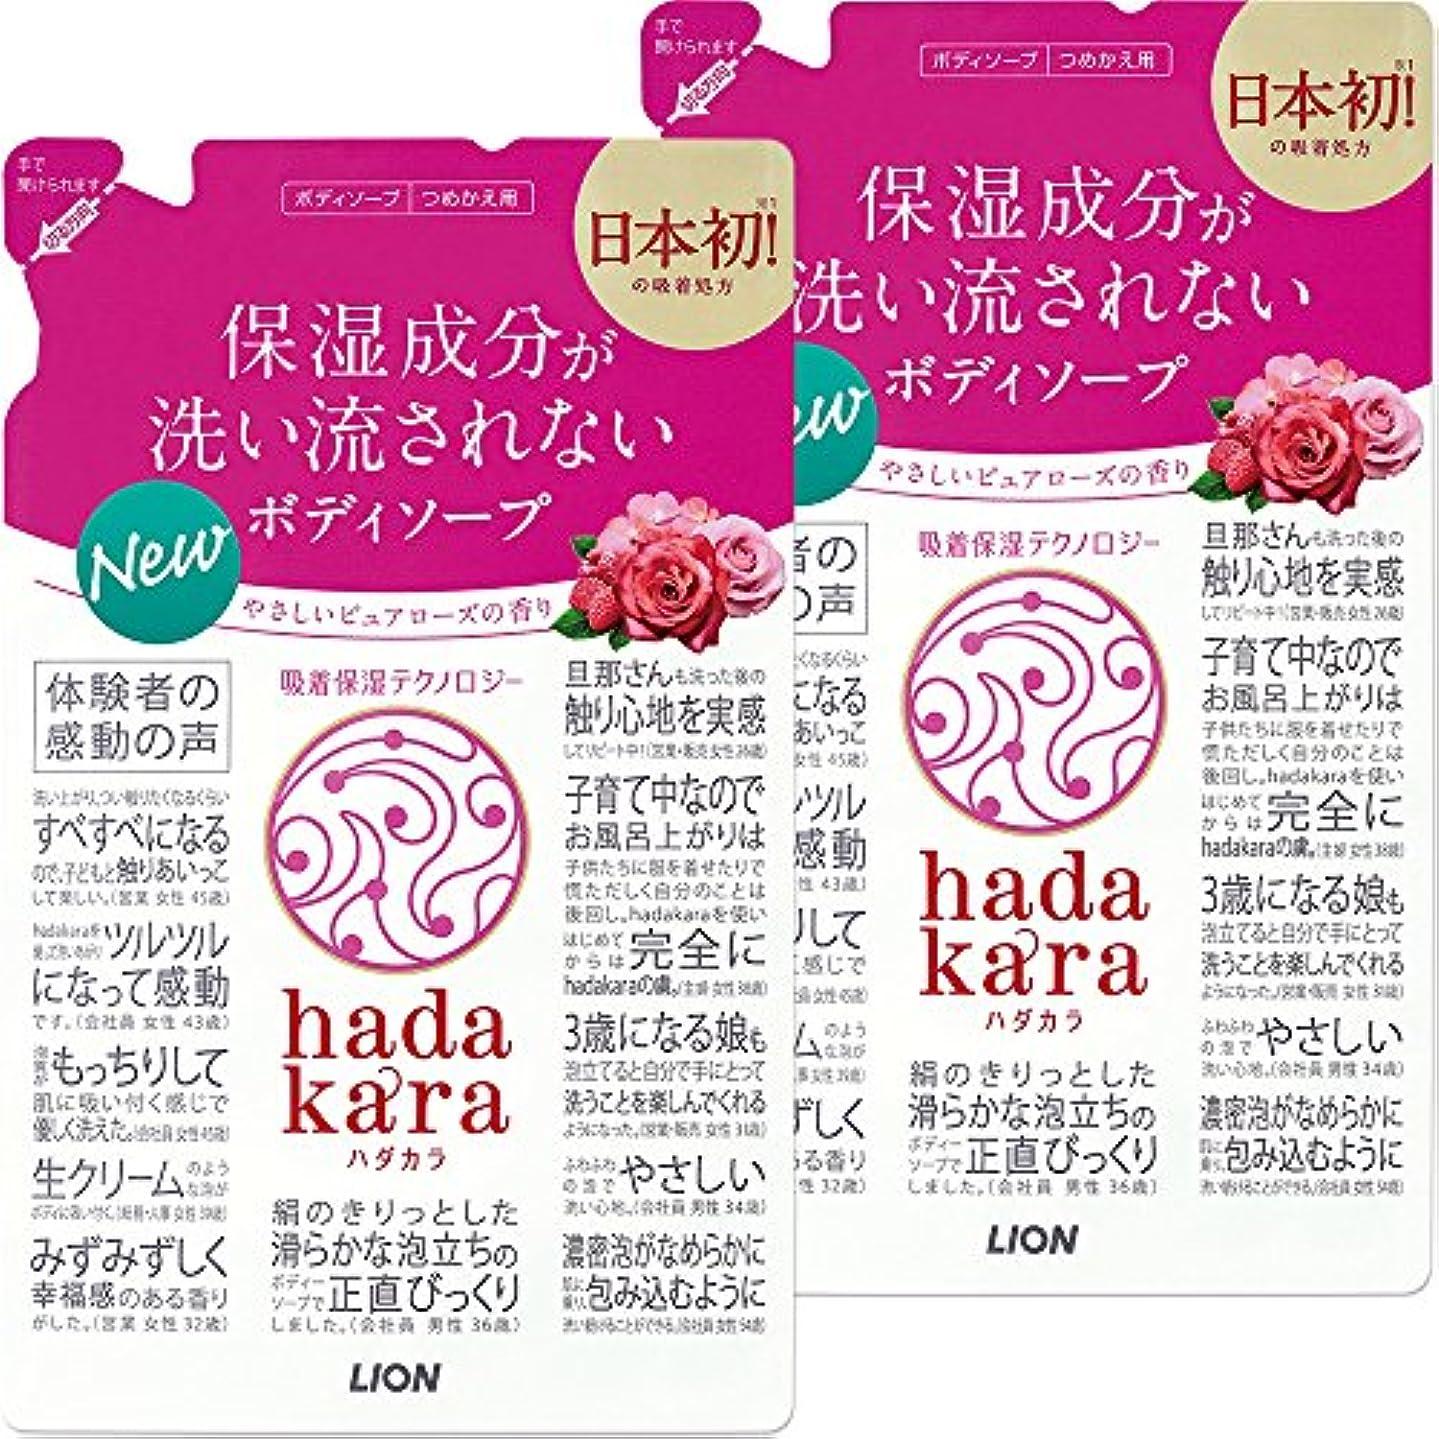 販売計画あいにくピストル【まとめ買い】hadakara(ハダカラ) ボディソープ ピュアローズの香り 詰め替え 360ml×2個パック